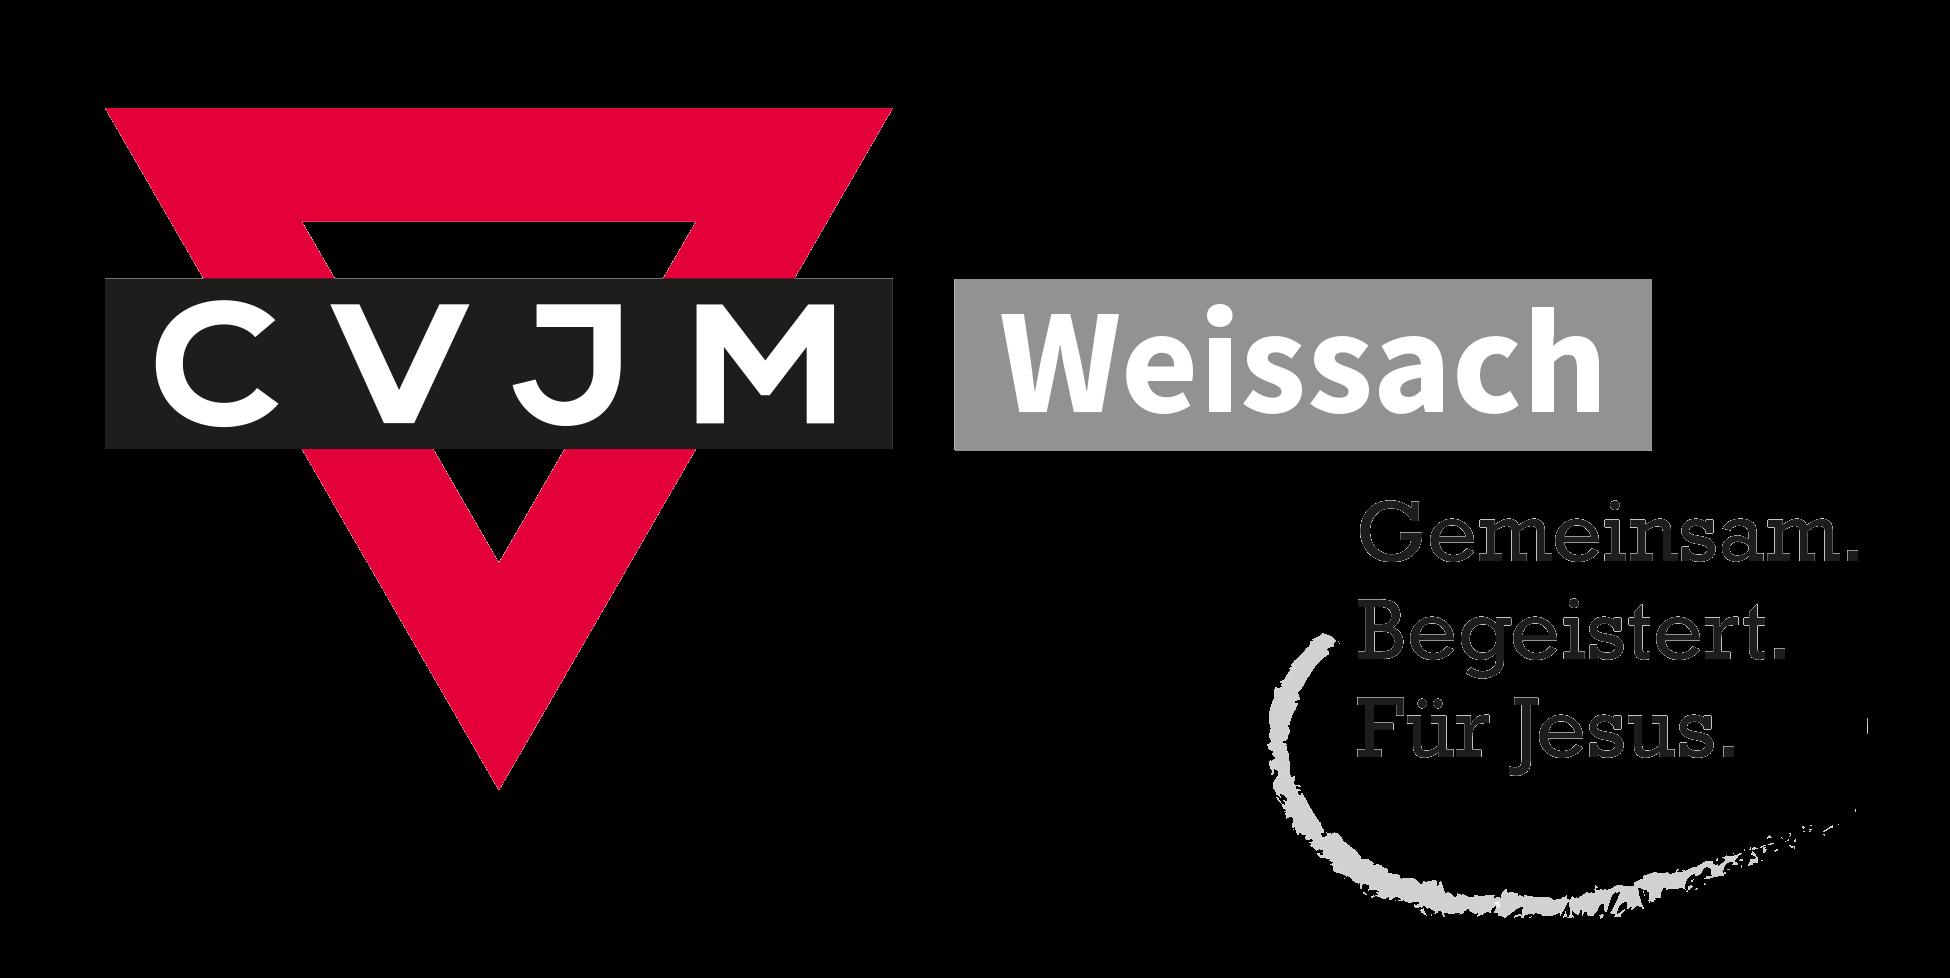 CVJM Weissach